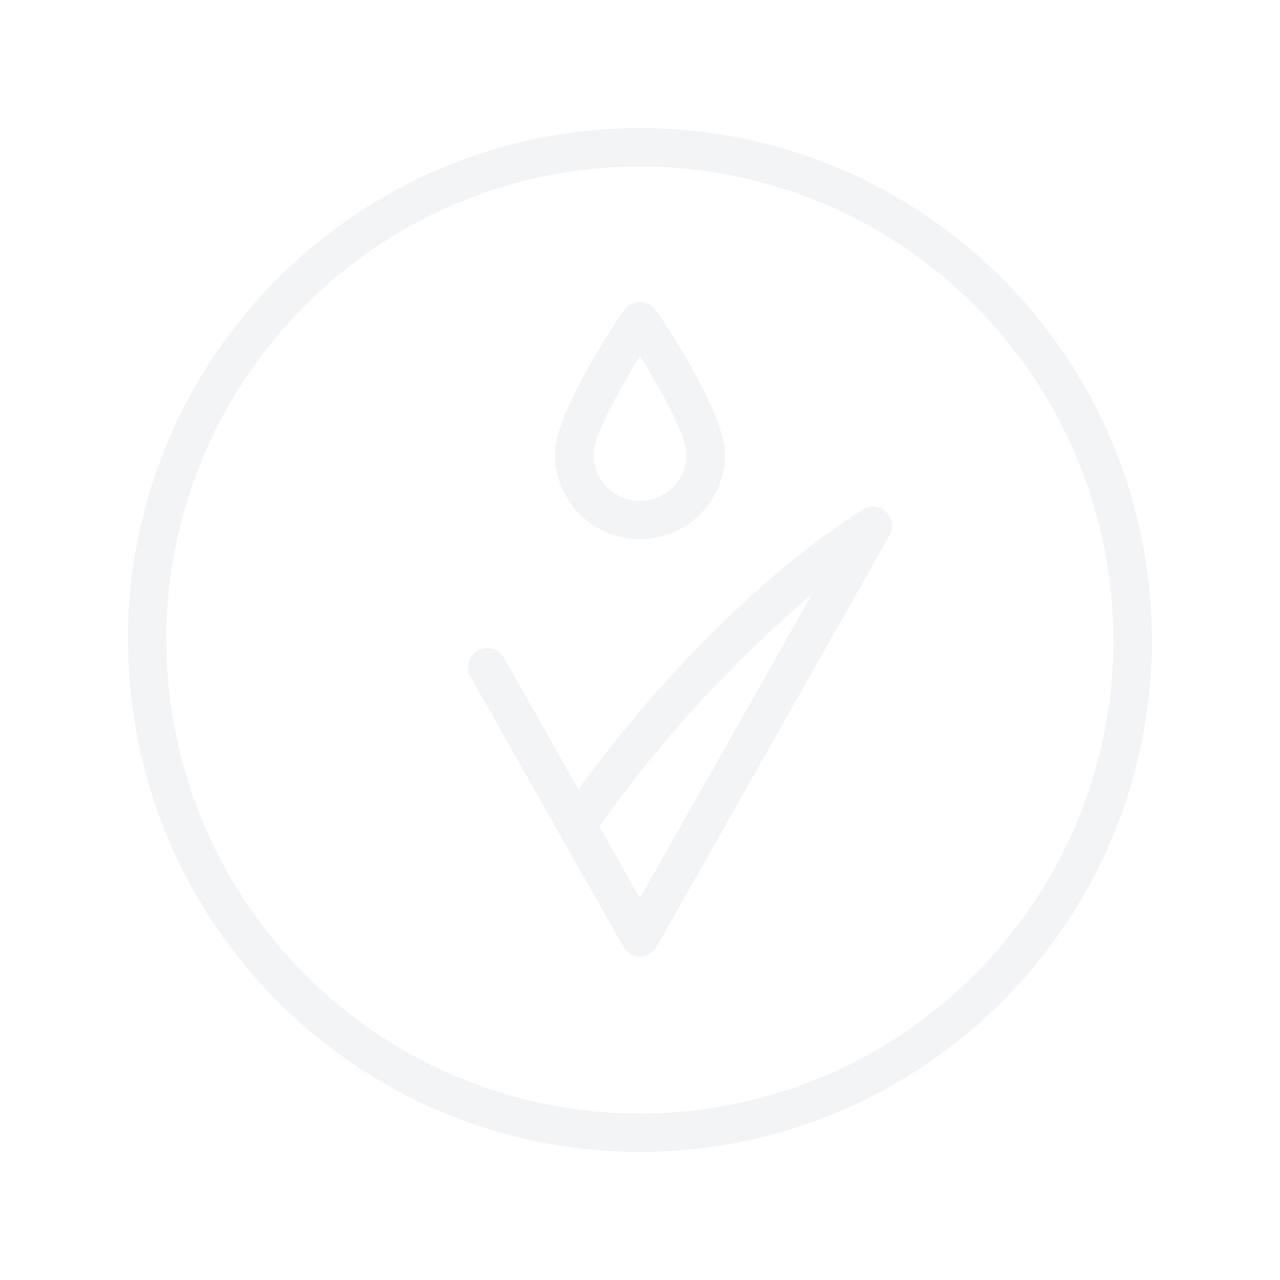 DIOR Diorshow Pump N Volume Mascara No.090 Black Pump 6g